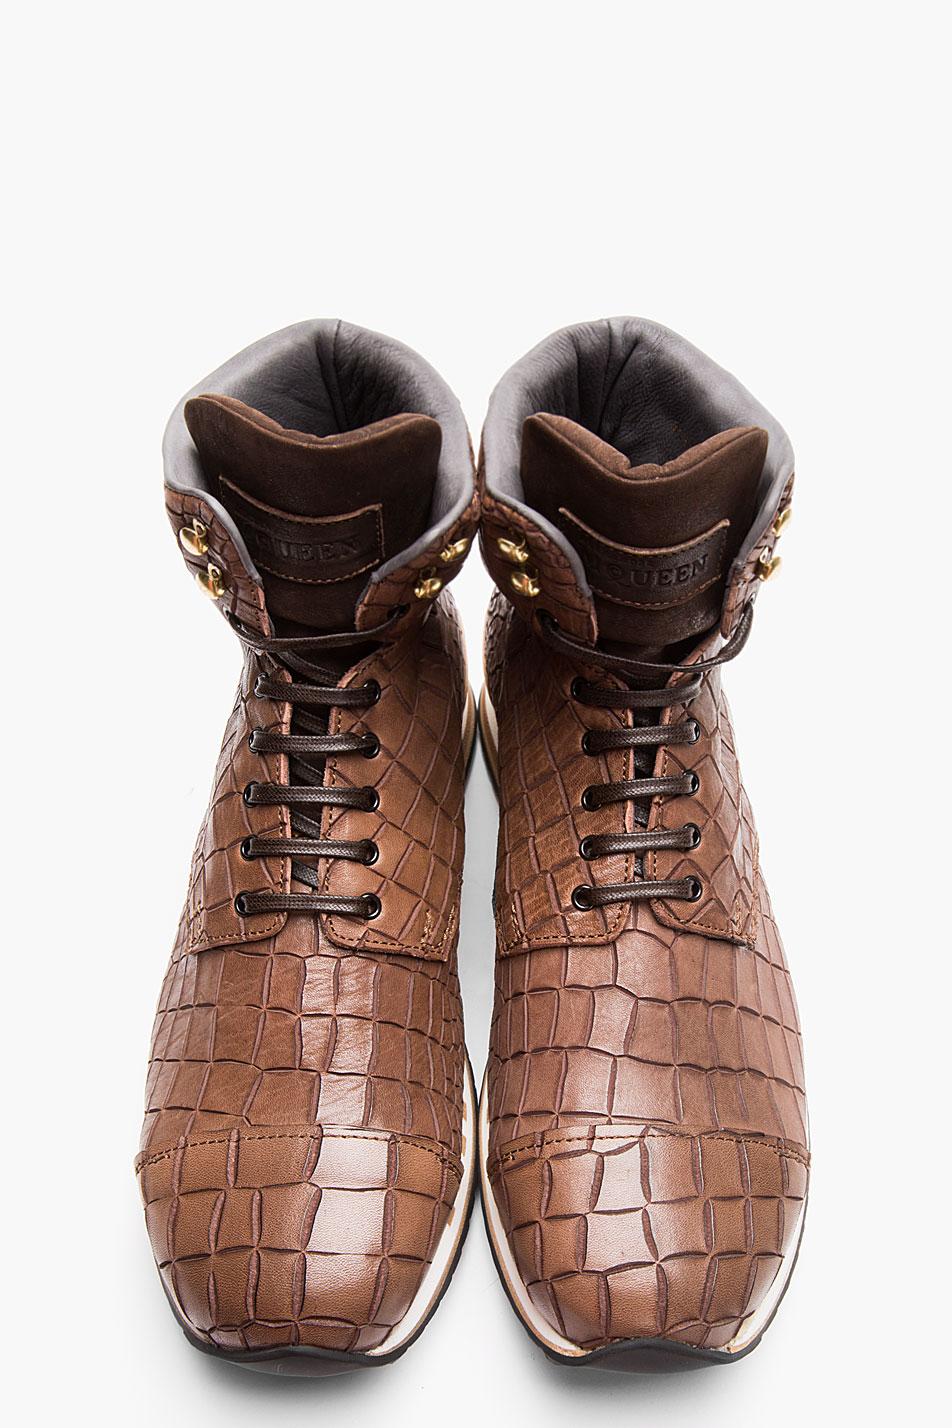 Croc-Embossed Hi-Top Sneakers Alexander McQueen style